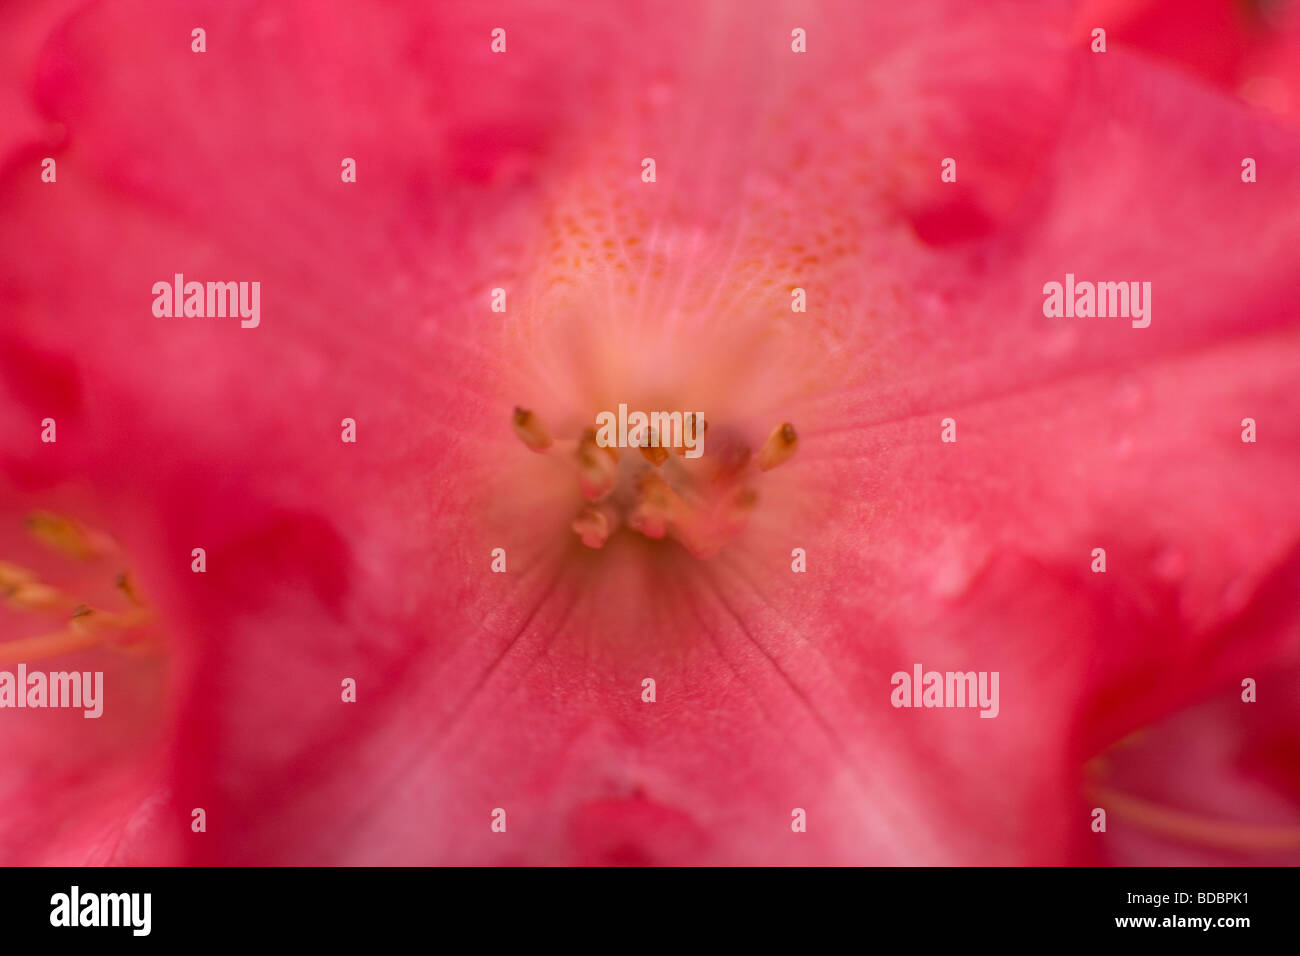 Nahaufnahme Der Blüte Rosa Rhododendron Stockfoto, Bild